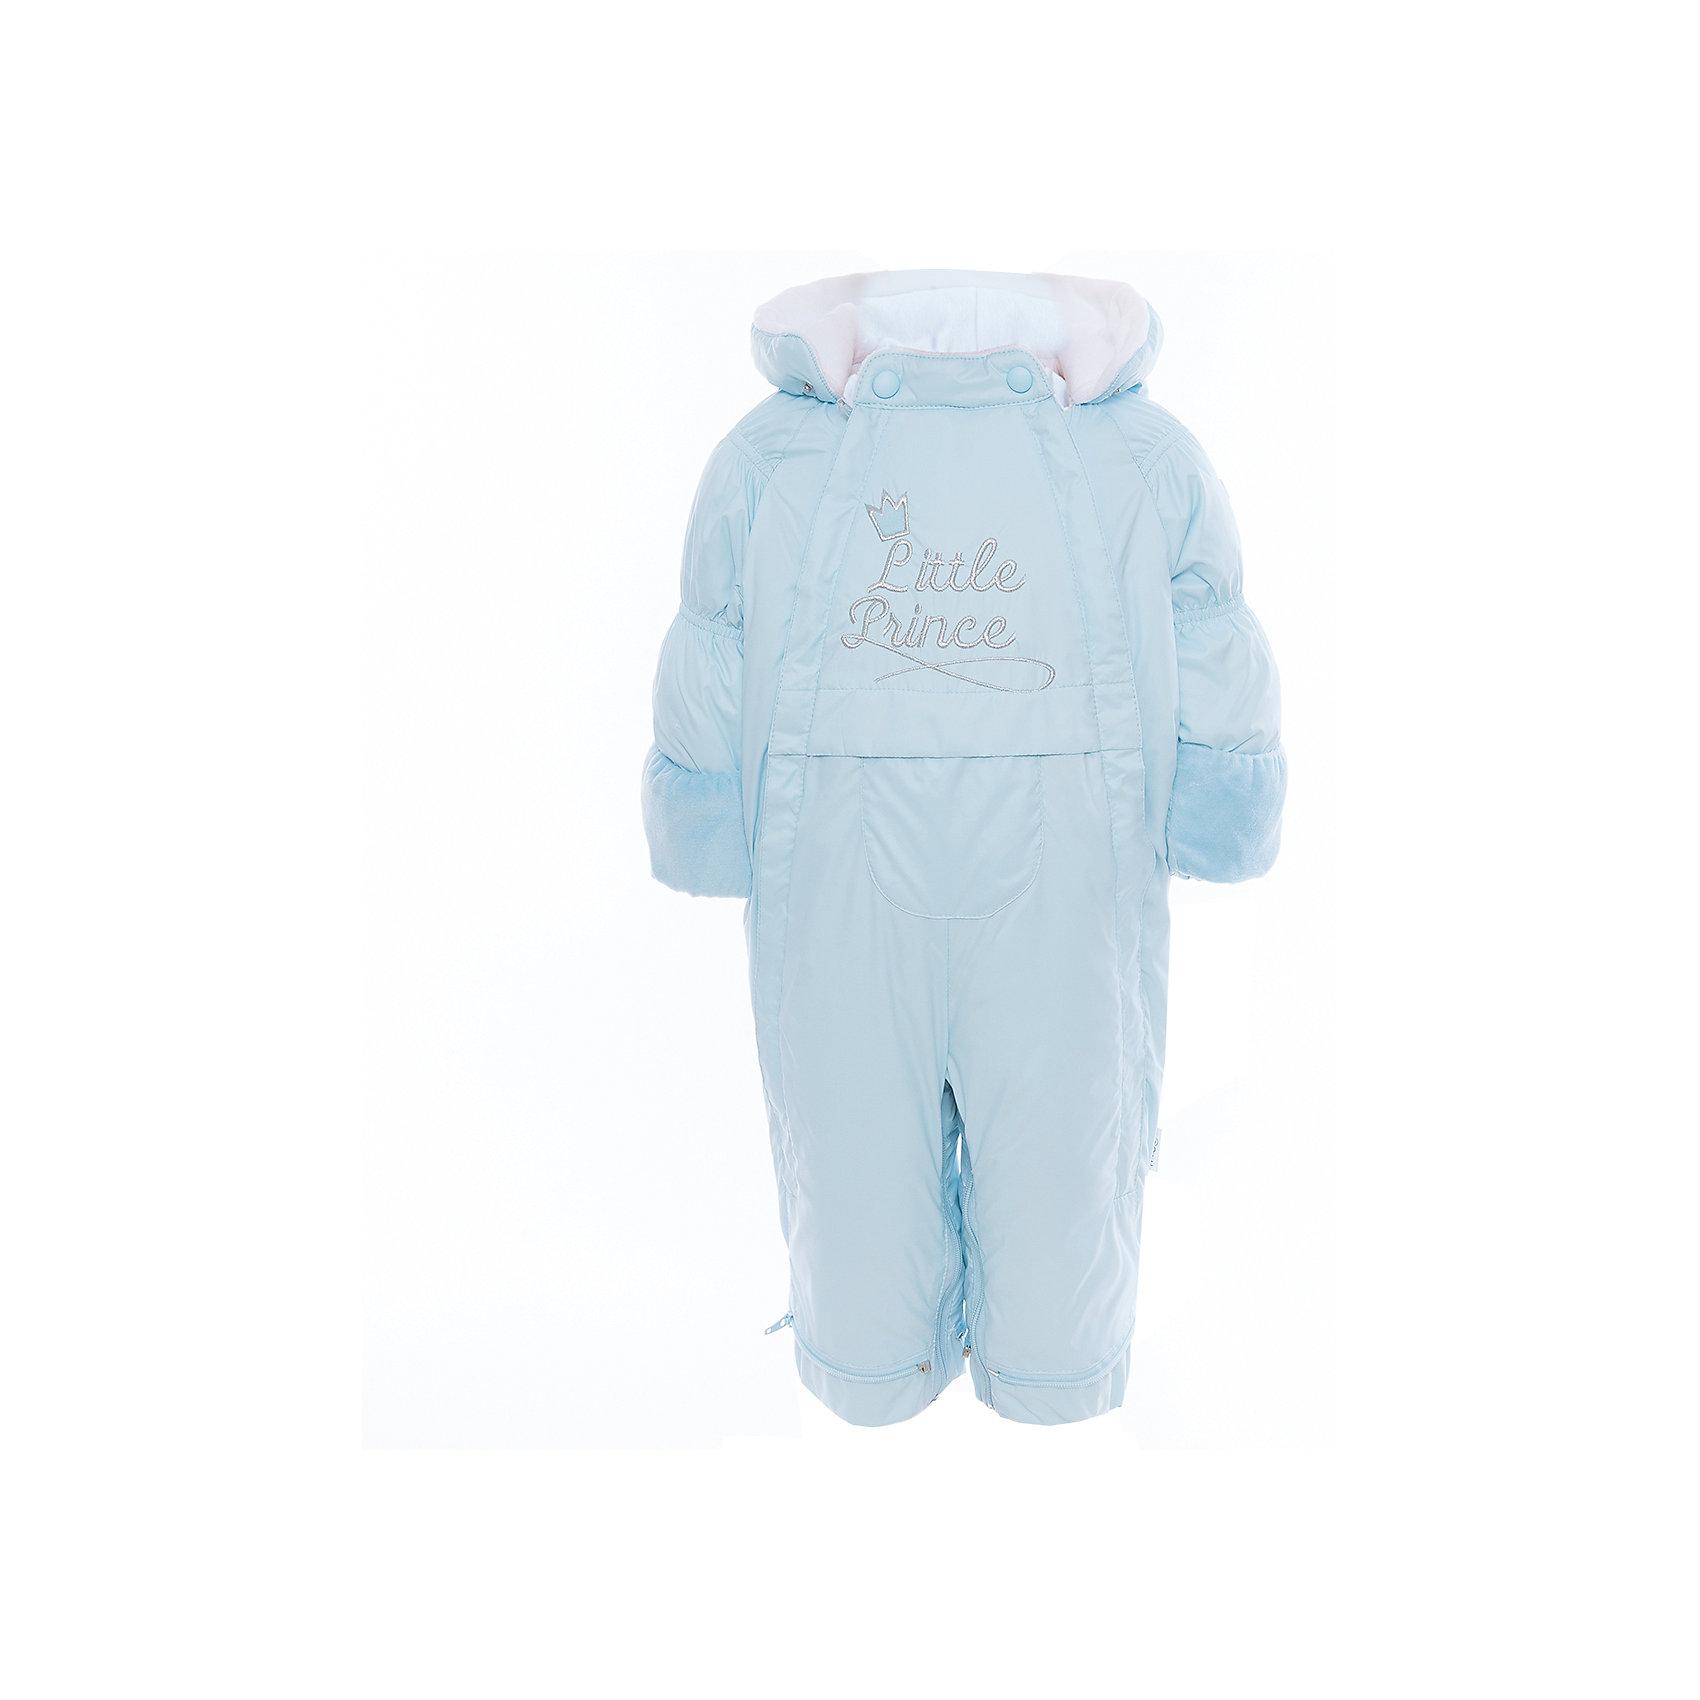 Комбинезон детский BOOM by OrbyВерхняя одежда<br>Характеристики товара:<br><br>• цвет: голубой<br>• состав: верх - болонь, подкладка - поликоттон, утеплитель: эко-синтепон 150 г/м2<br>• температурный режим: от -5 С° до +10 С° <br>• капюшон<br>• застежка - молния<br>• планка от ветра<br>• отделка велюром<br>• декорирована вышивкой<br>• комфортная посадка<br>• страна производства: Российская Федерация<br>• страна бренда: Российская Федерация<br>• коллекция: весна-лето 2017<br><br>Одежда для самых маленьких должна быть особо комфортной! Такой комбинезон - отличный вариант для межсезонья с постоянно меняющейся погодой. Эта модель - модная и удобная одновременно! Изделие отличается стильным ярким дизайном. Комбинезон дополнен мягкой подкладкой. Вещь была разработана специально для малышей.<br><br>Одежда от российского бренда BOOM by Orby уже завоевала популярностью у многих детей и их родителей. Вещи, выпускаемые компанией, качественные, продуманные и очень удобные. Для производства коллекций используются только безопасные для детей материалы. Спешите приобрести модели из новой коллекции Весна-лето 2017! <br><br>Комбинезон детский от бренда BOOM by Orby можно купить в нашем интернет-магазине.<br><br>Ширина мм: 356<br>Глубина мм: 10<br>Высота мм: 245<br>Вес г: 519<br>Цвет: голубой<br>Возраст от месяцев: 6<br>Возраст до месяцев: 9<br>Пол: Унисекс<br>Возраст: Детский<br>Размер: 74,62,68<br>SKU: 5343545